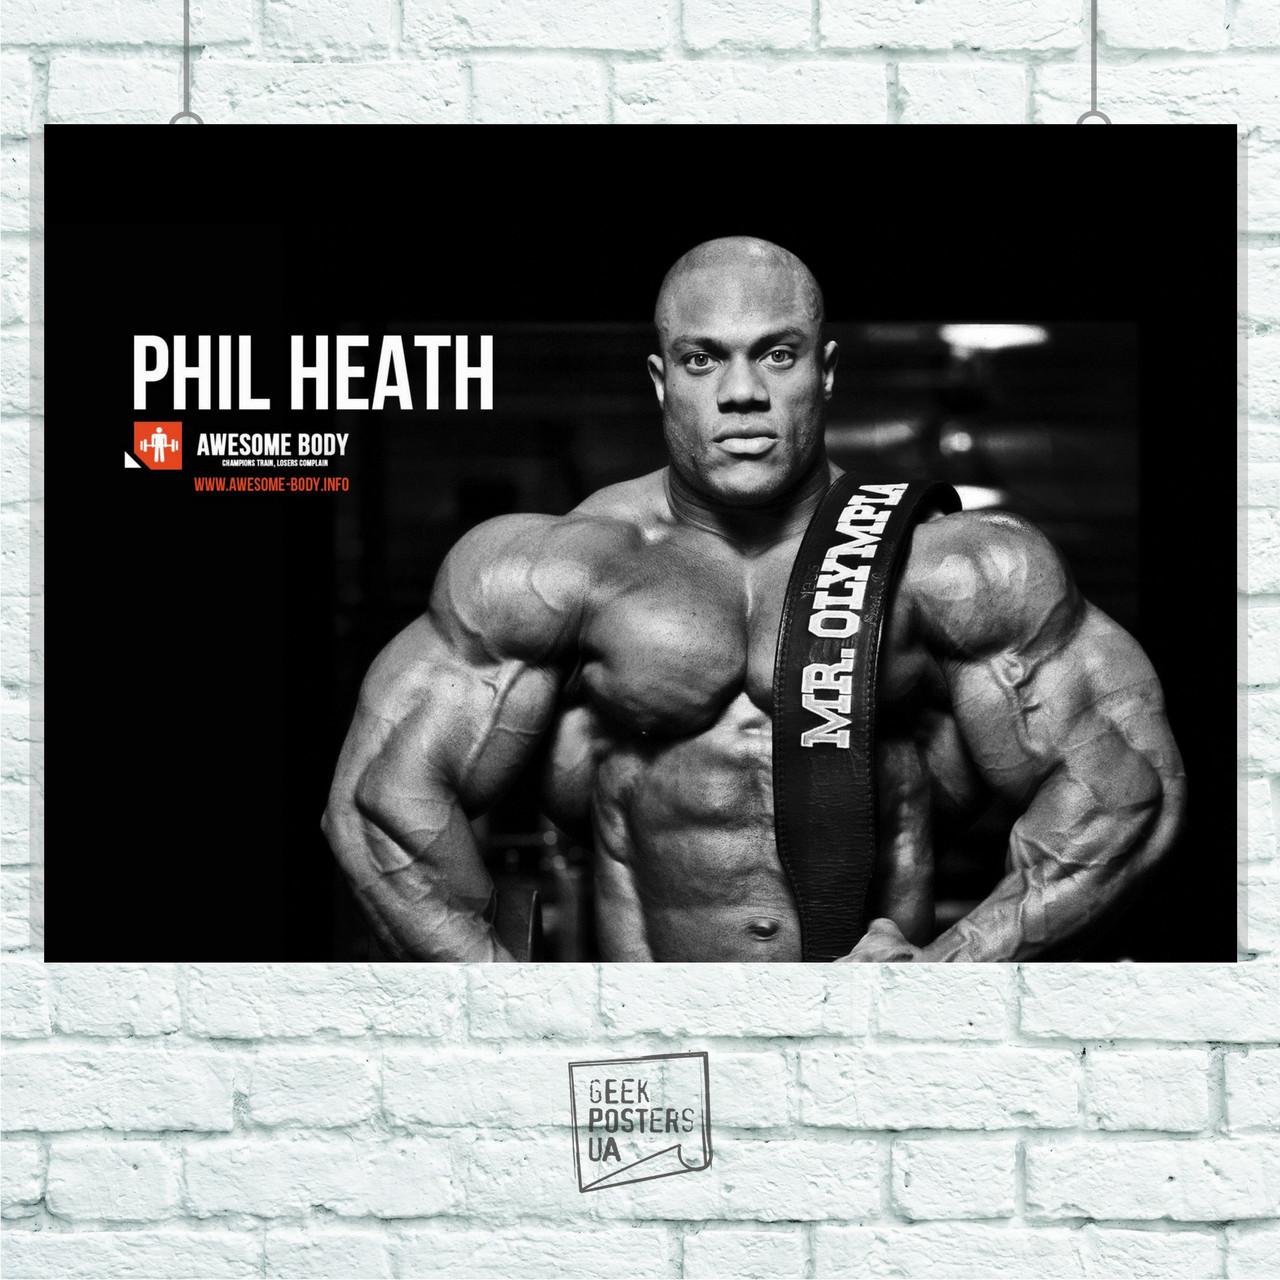 Постер Phil Heath, Бодибилдер. Размер 60x42см (A2). Глянцевая бумага